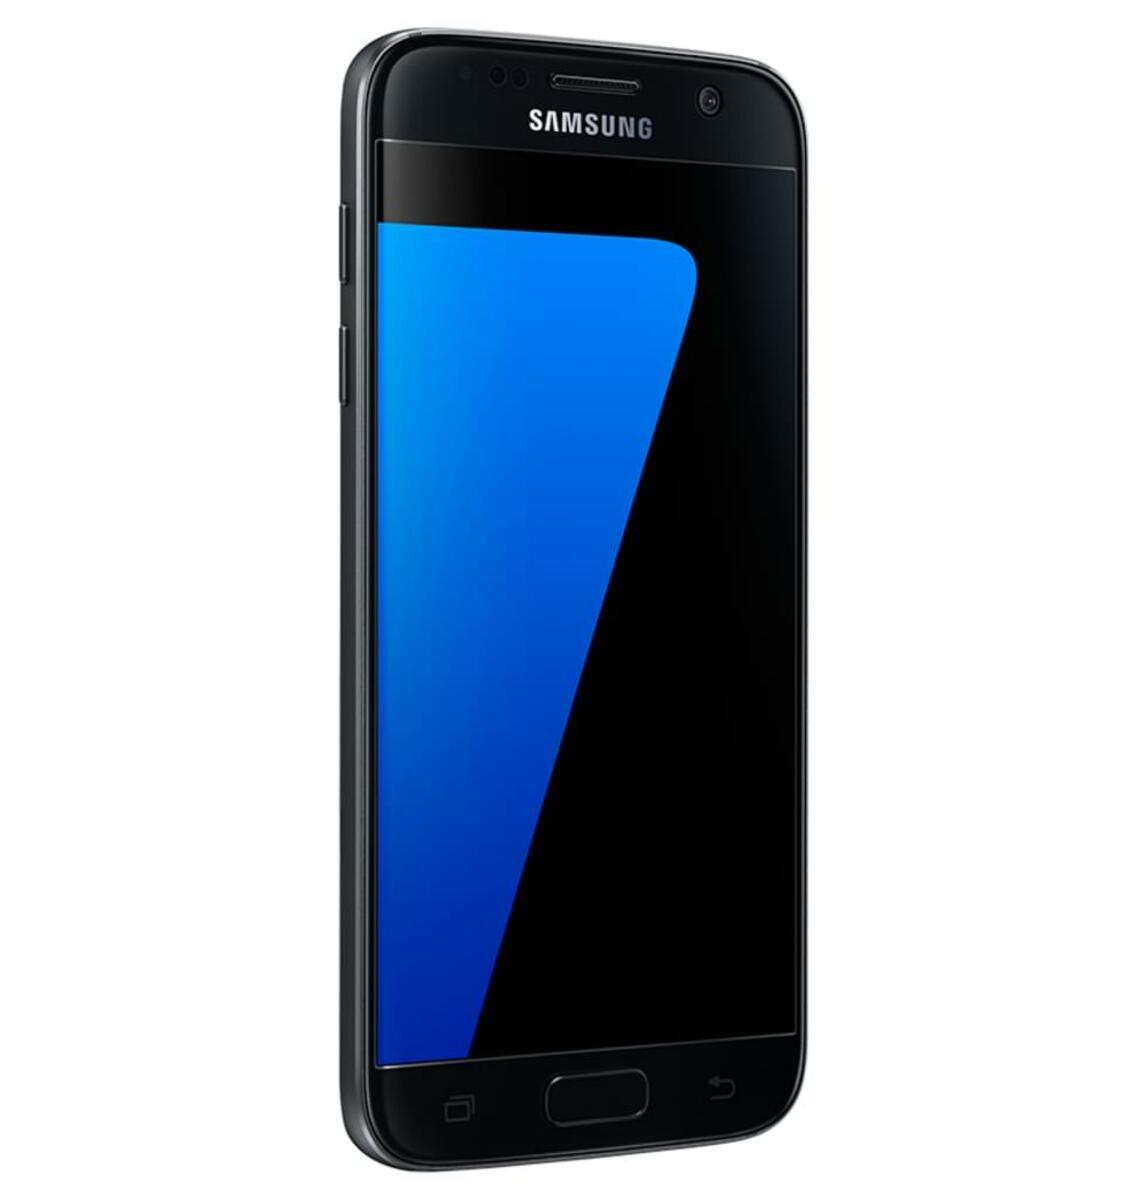 Bild 4 von Samsung Galaxy S7 G930F in black onyx